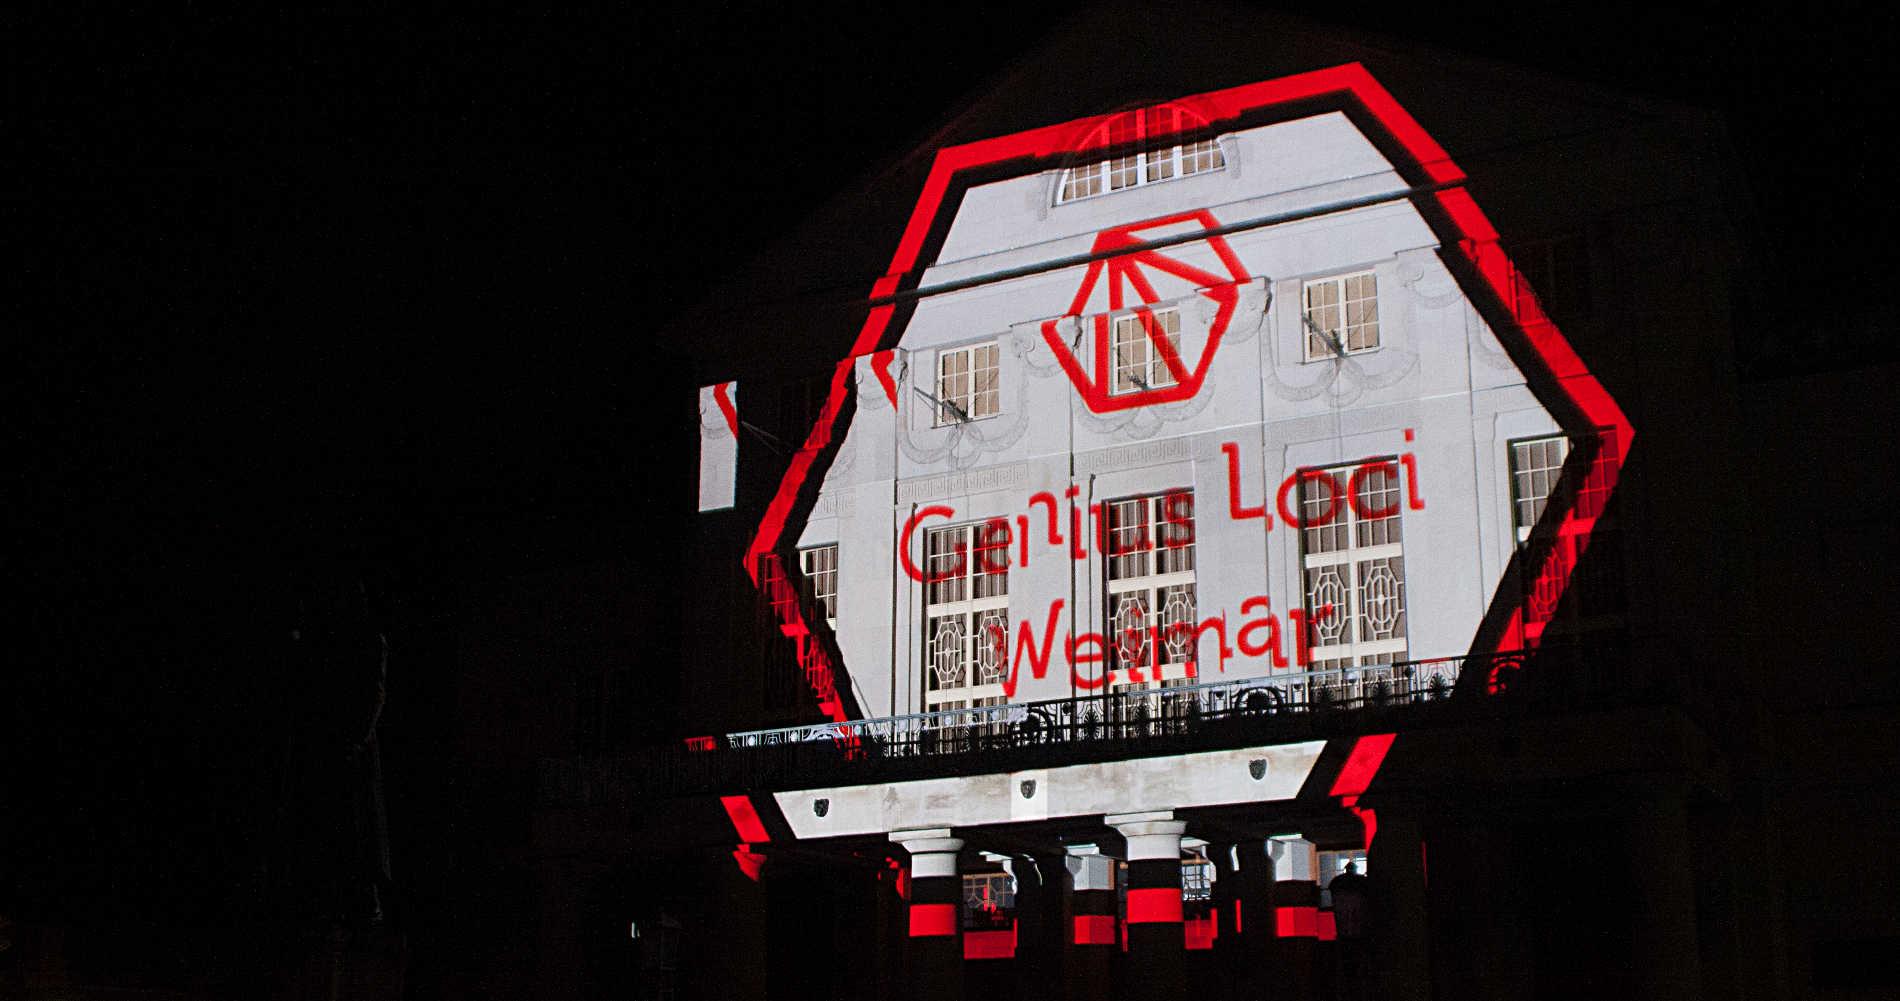 Das Logo vom Genius Loci Festival in Weimar prangt an der Fassade des Deutschen Nationaltheaters (DNT)